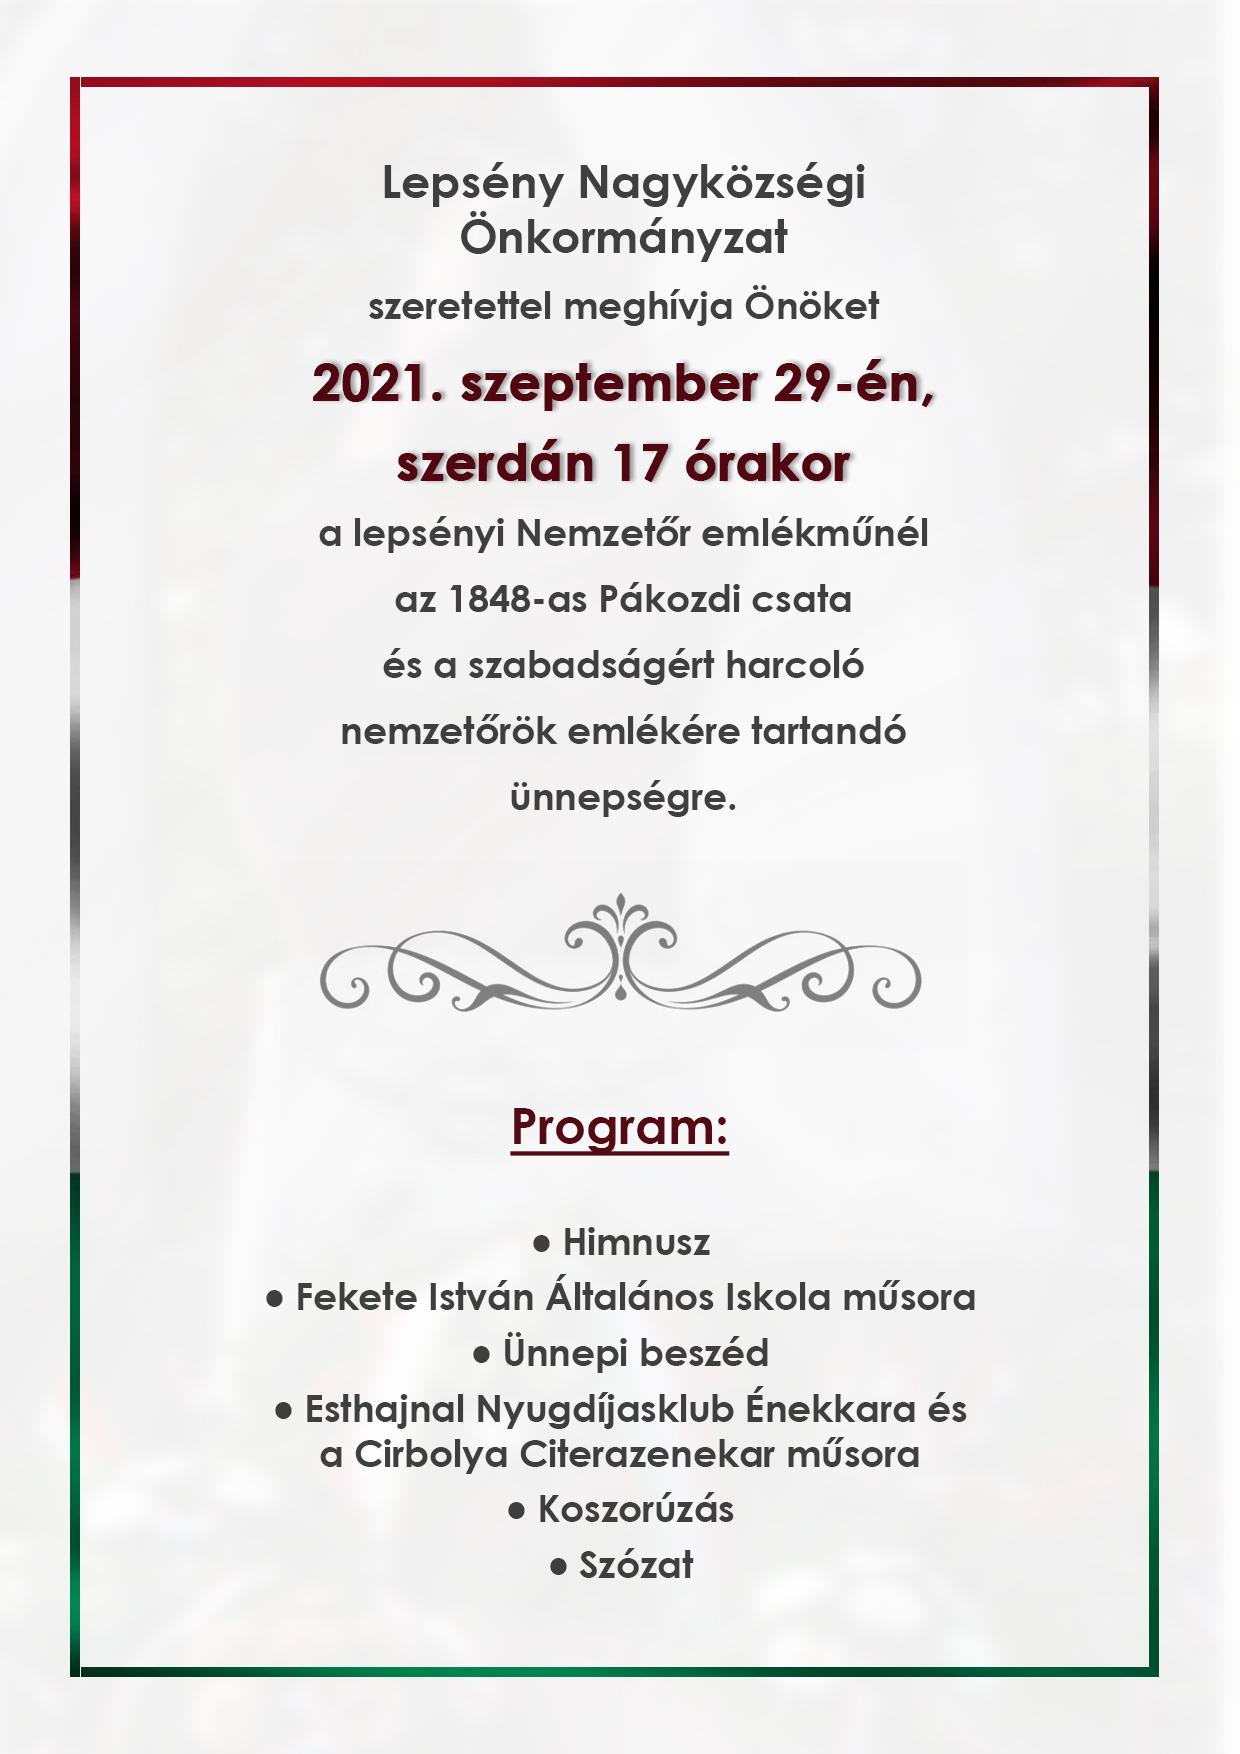 Meghívó nemzetőr megemlékezésre, 2021. szeptember 29-én 17 órakor a lepsényi nemzetőr emlékműhöz.